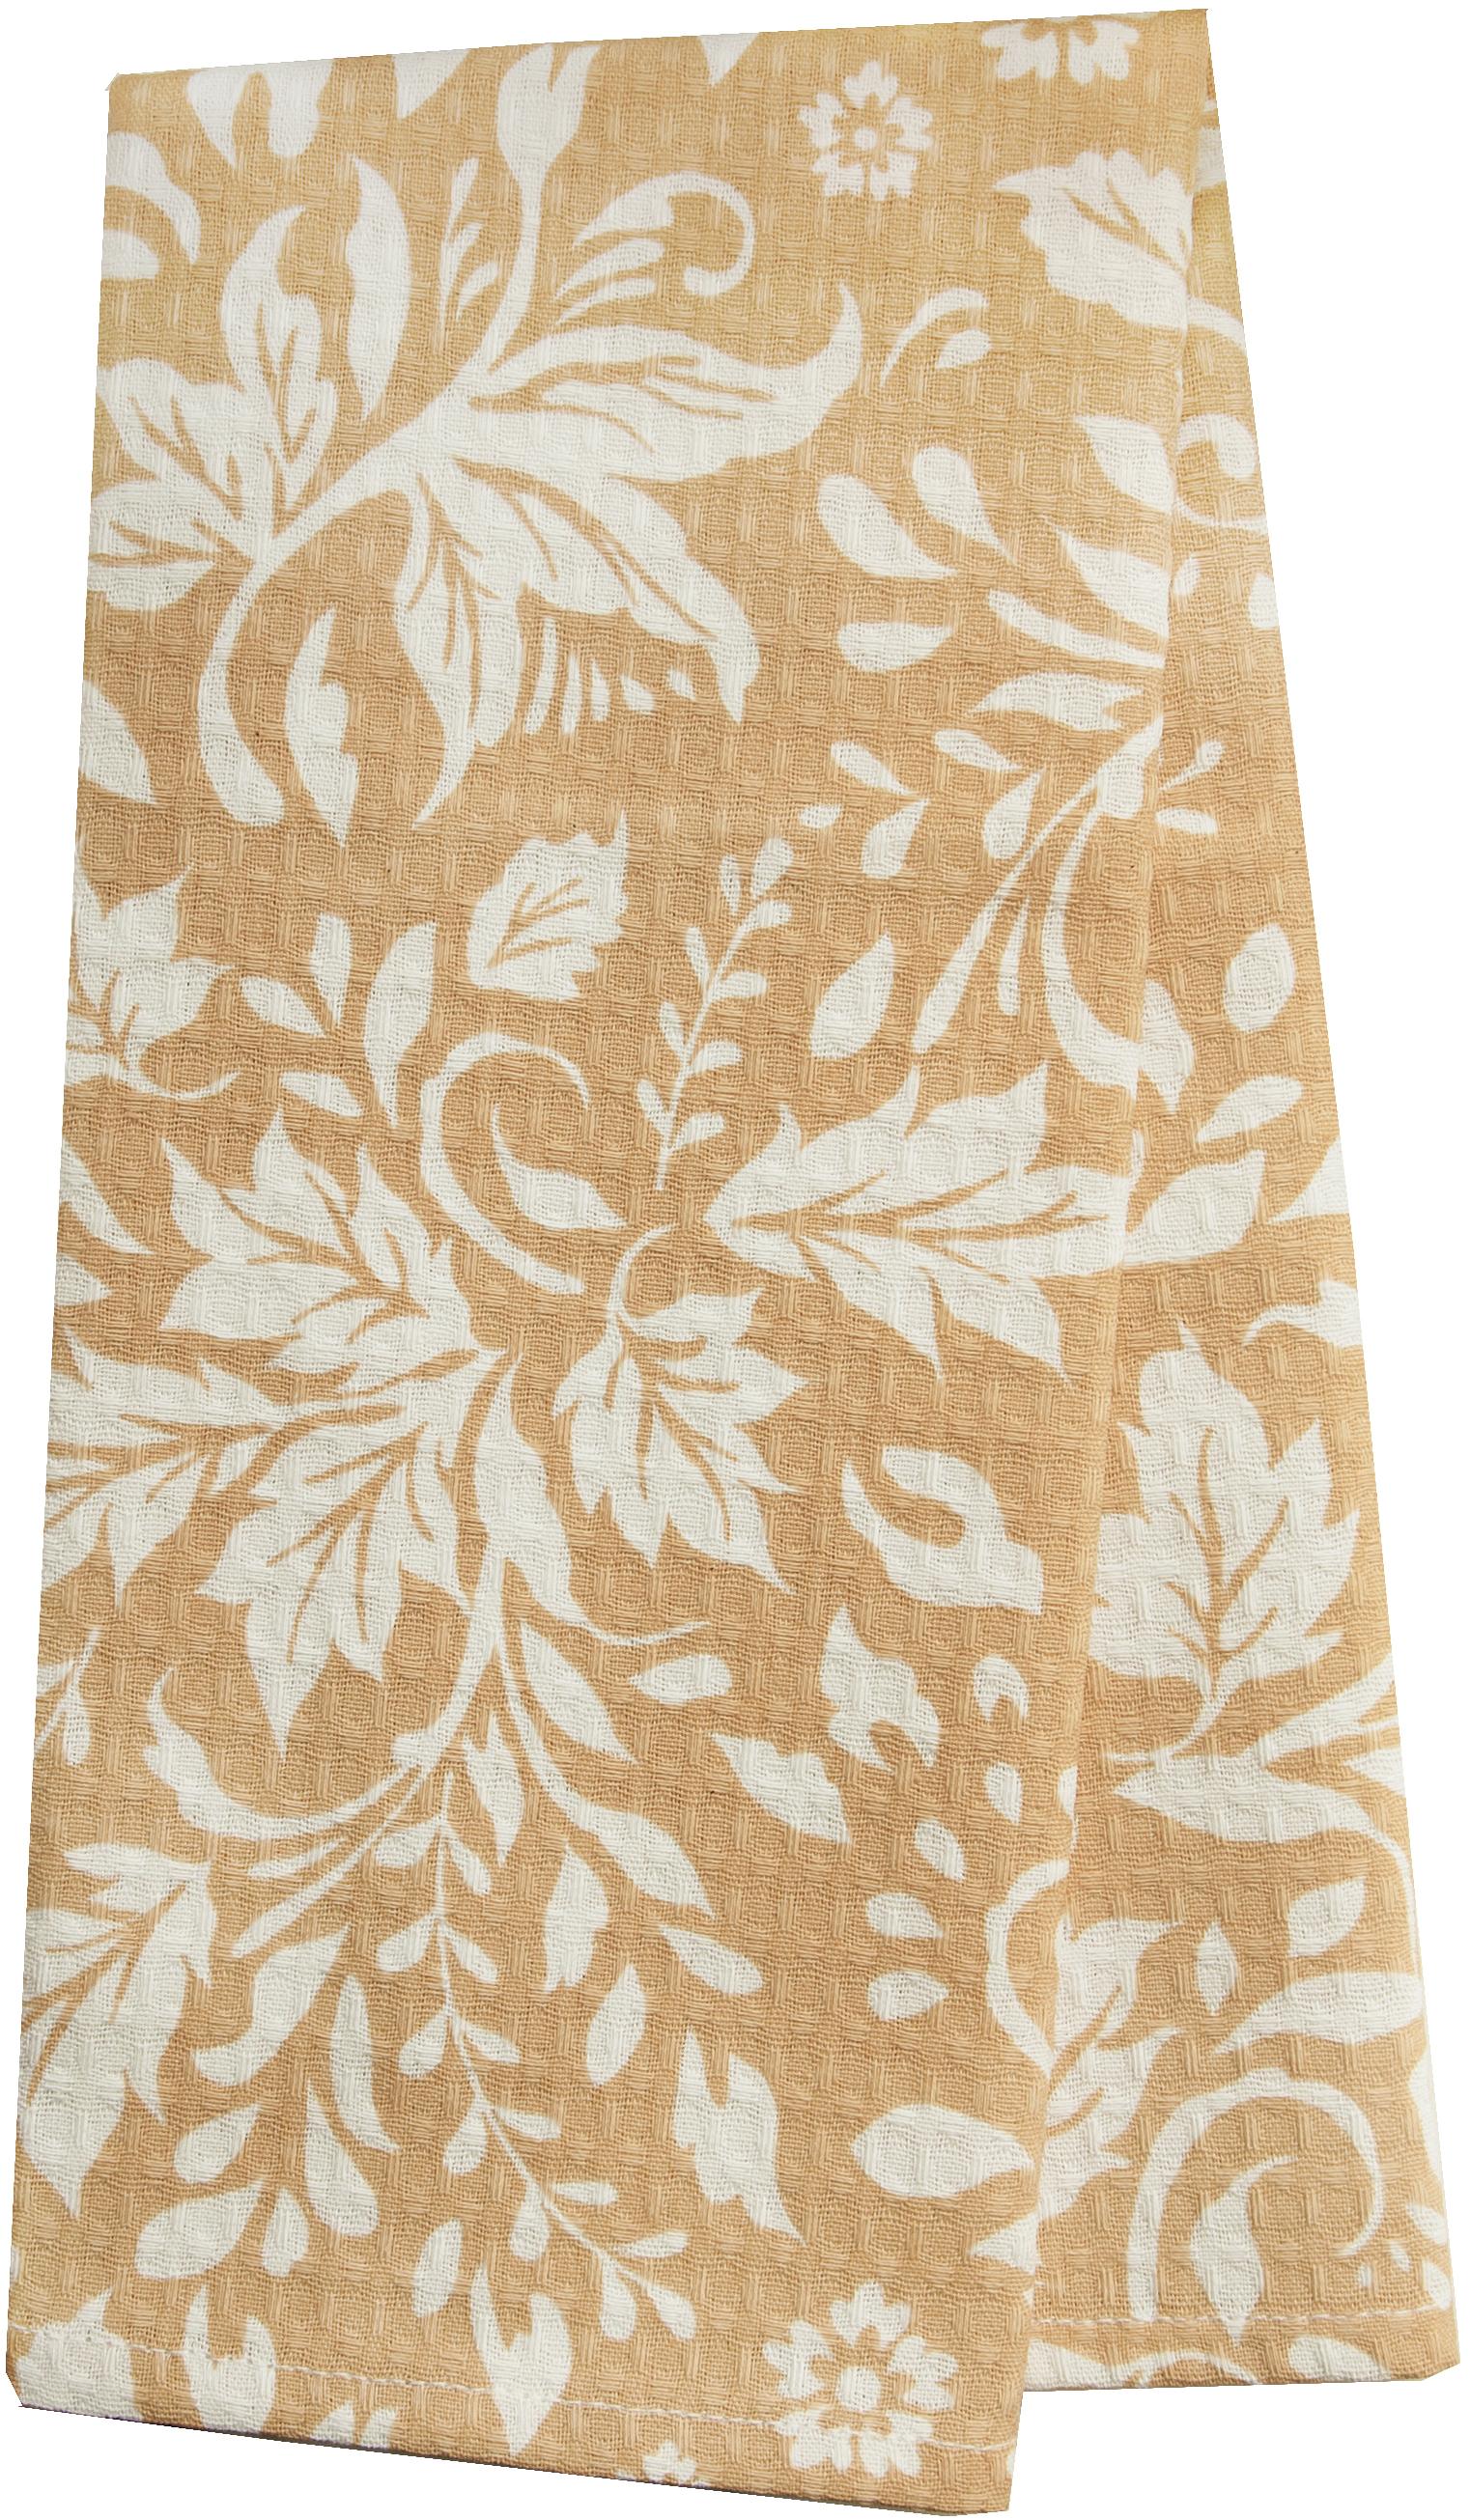 Полотенце кухонное Bonita Белые росы, цвет: белый, бежевый, 35 х 61 смVT-1520(SR)Полотенце кухонное Bonita изготовлено из натурального хлопка и оформлено цветочным рисунком. Полотенце идеально впитывает влагу и сохраняет свою необычайную мягкость даже после многих стирок. Полотенце Bonita - отличный вариант для практичной и современной хозяйки.